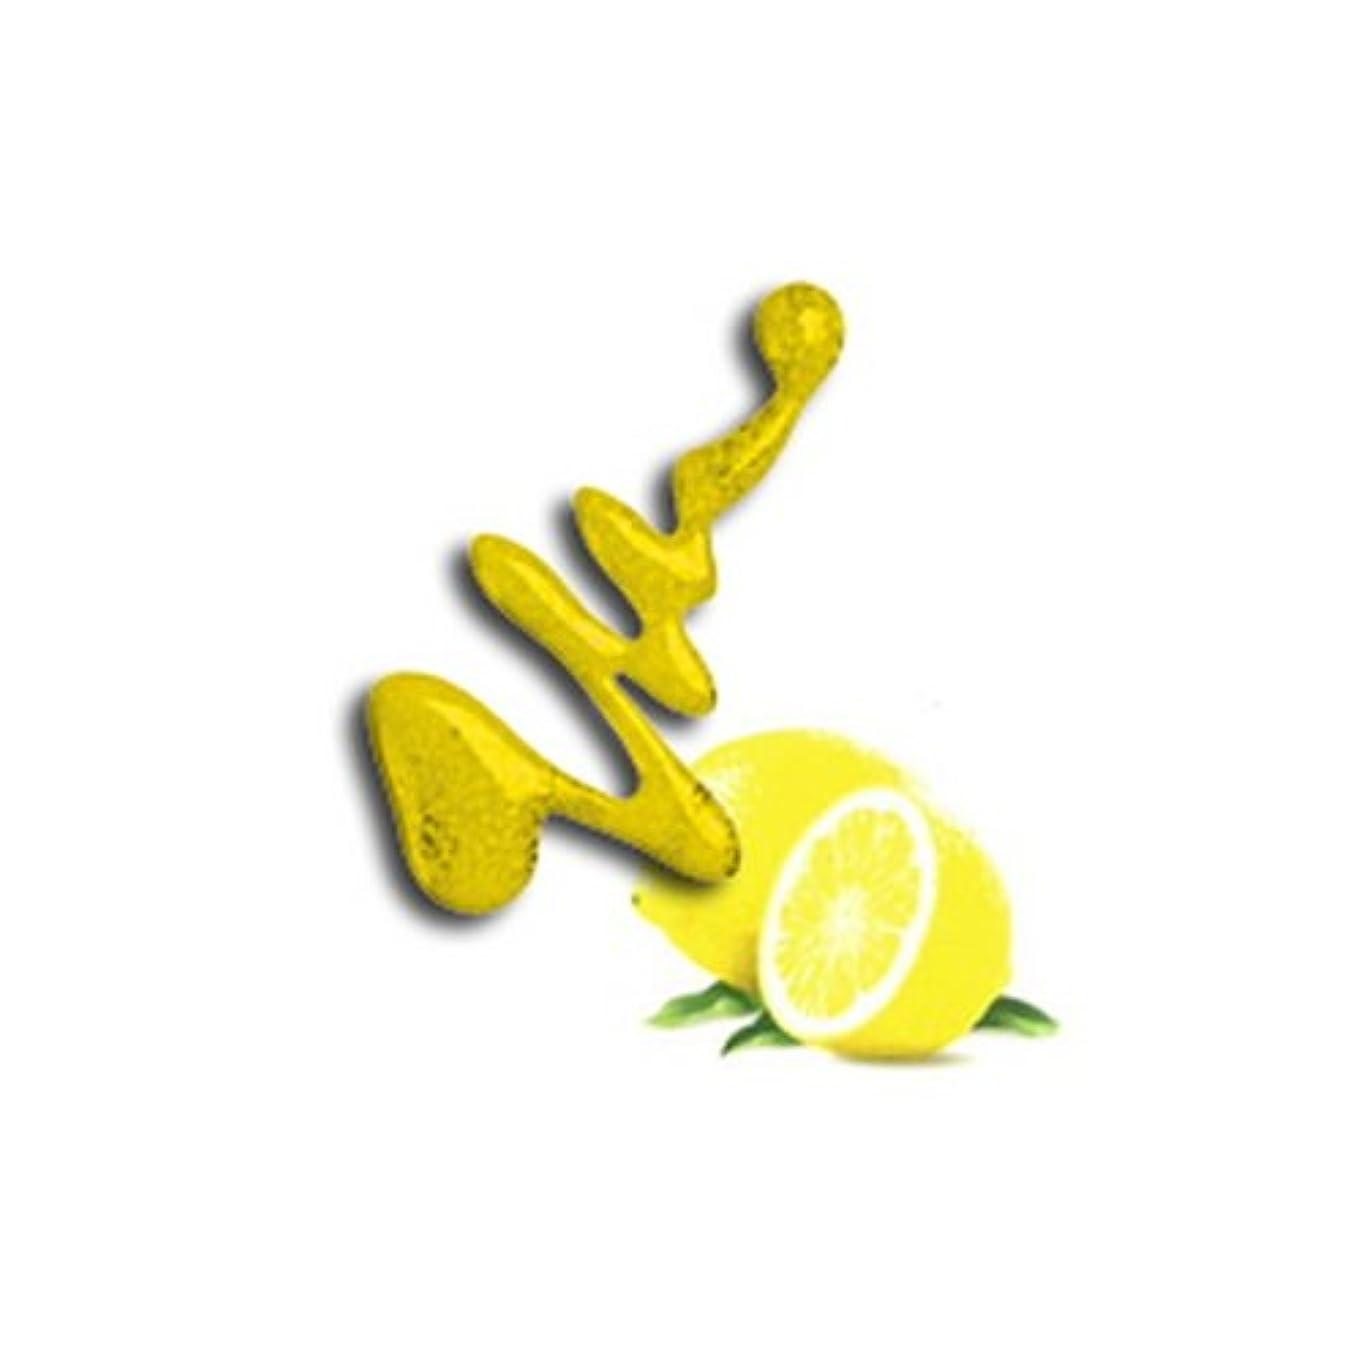 返還無視できる同じLA GIRL Fruity Scented Nail Polish - Zesty Citrus (並行輸入品)